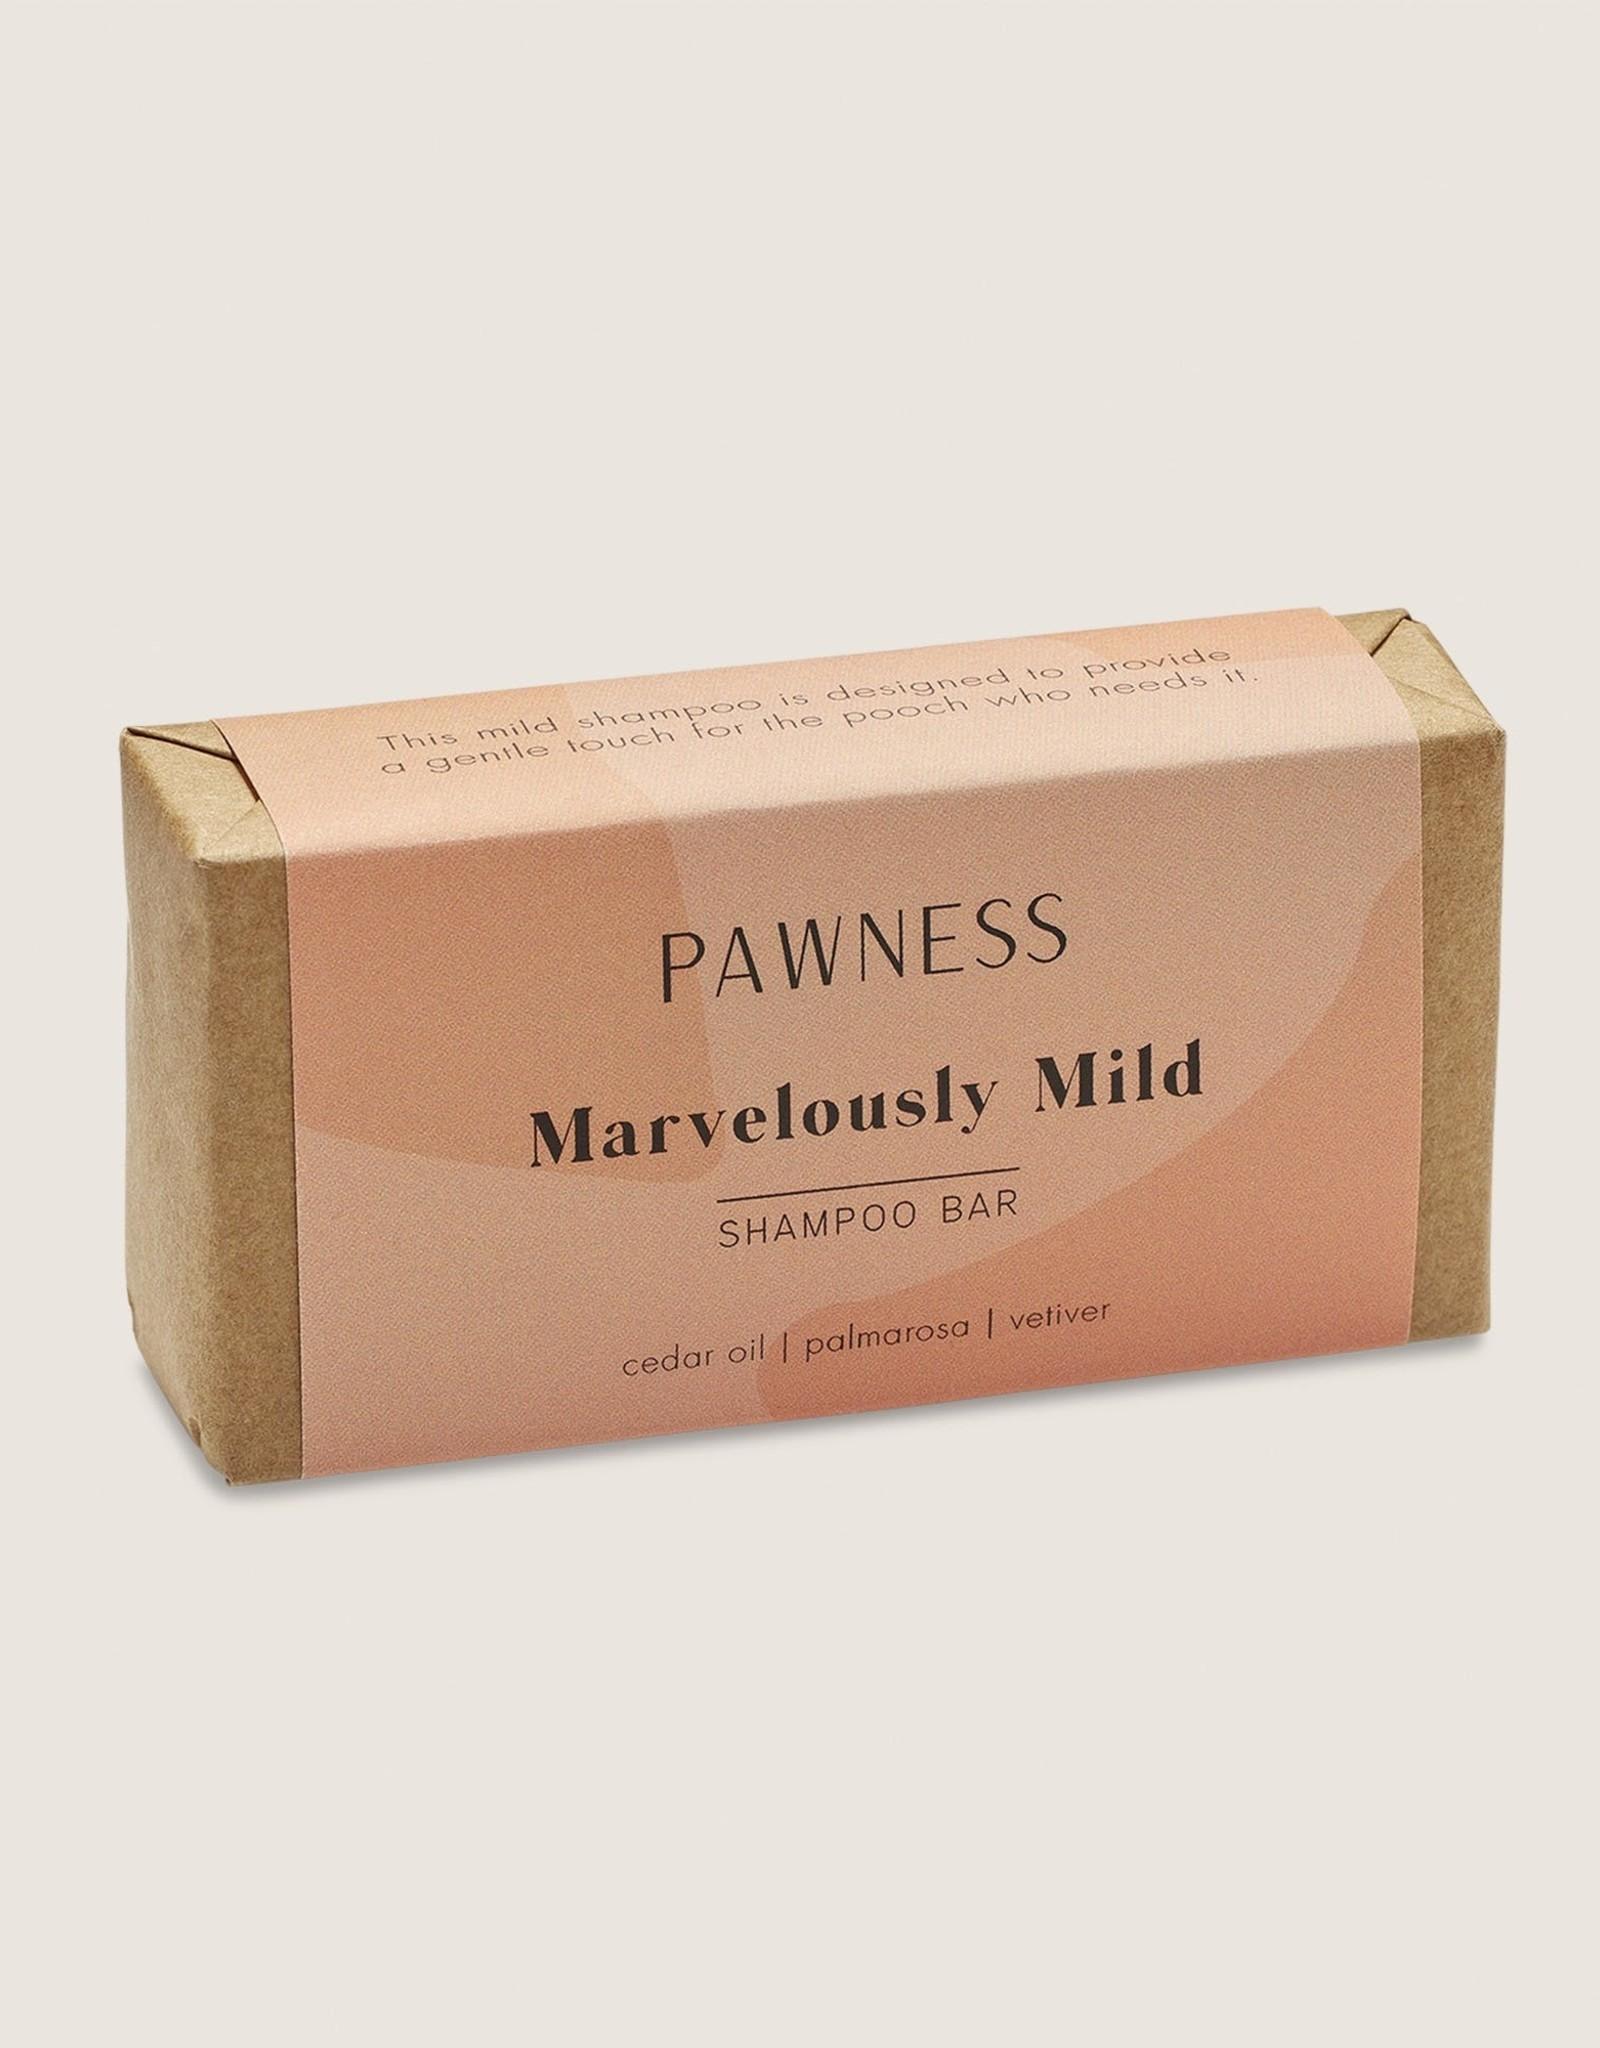 Pawness Shampoo bar Marvelously Mild